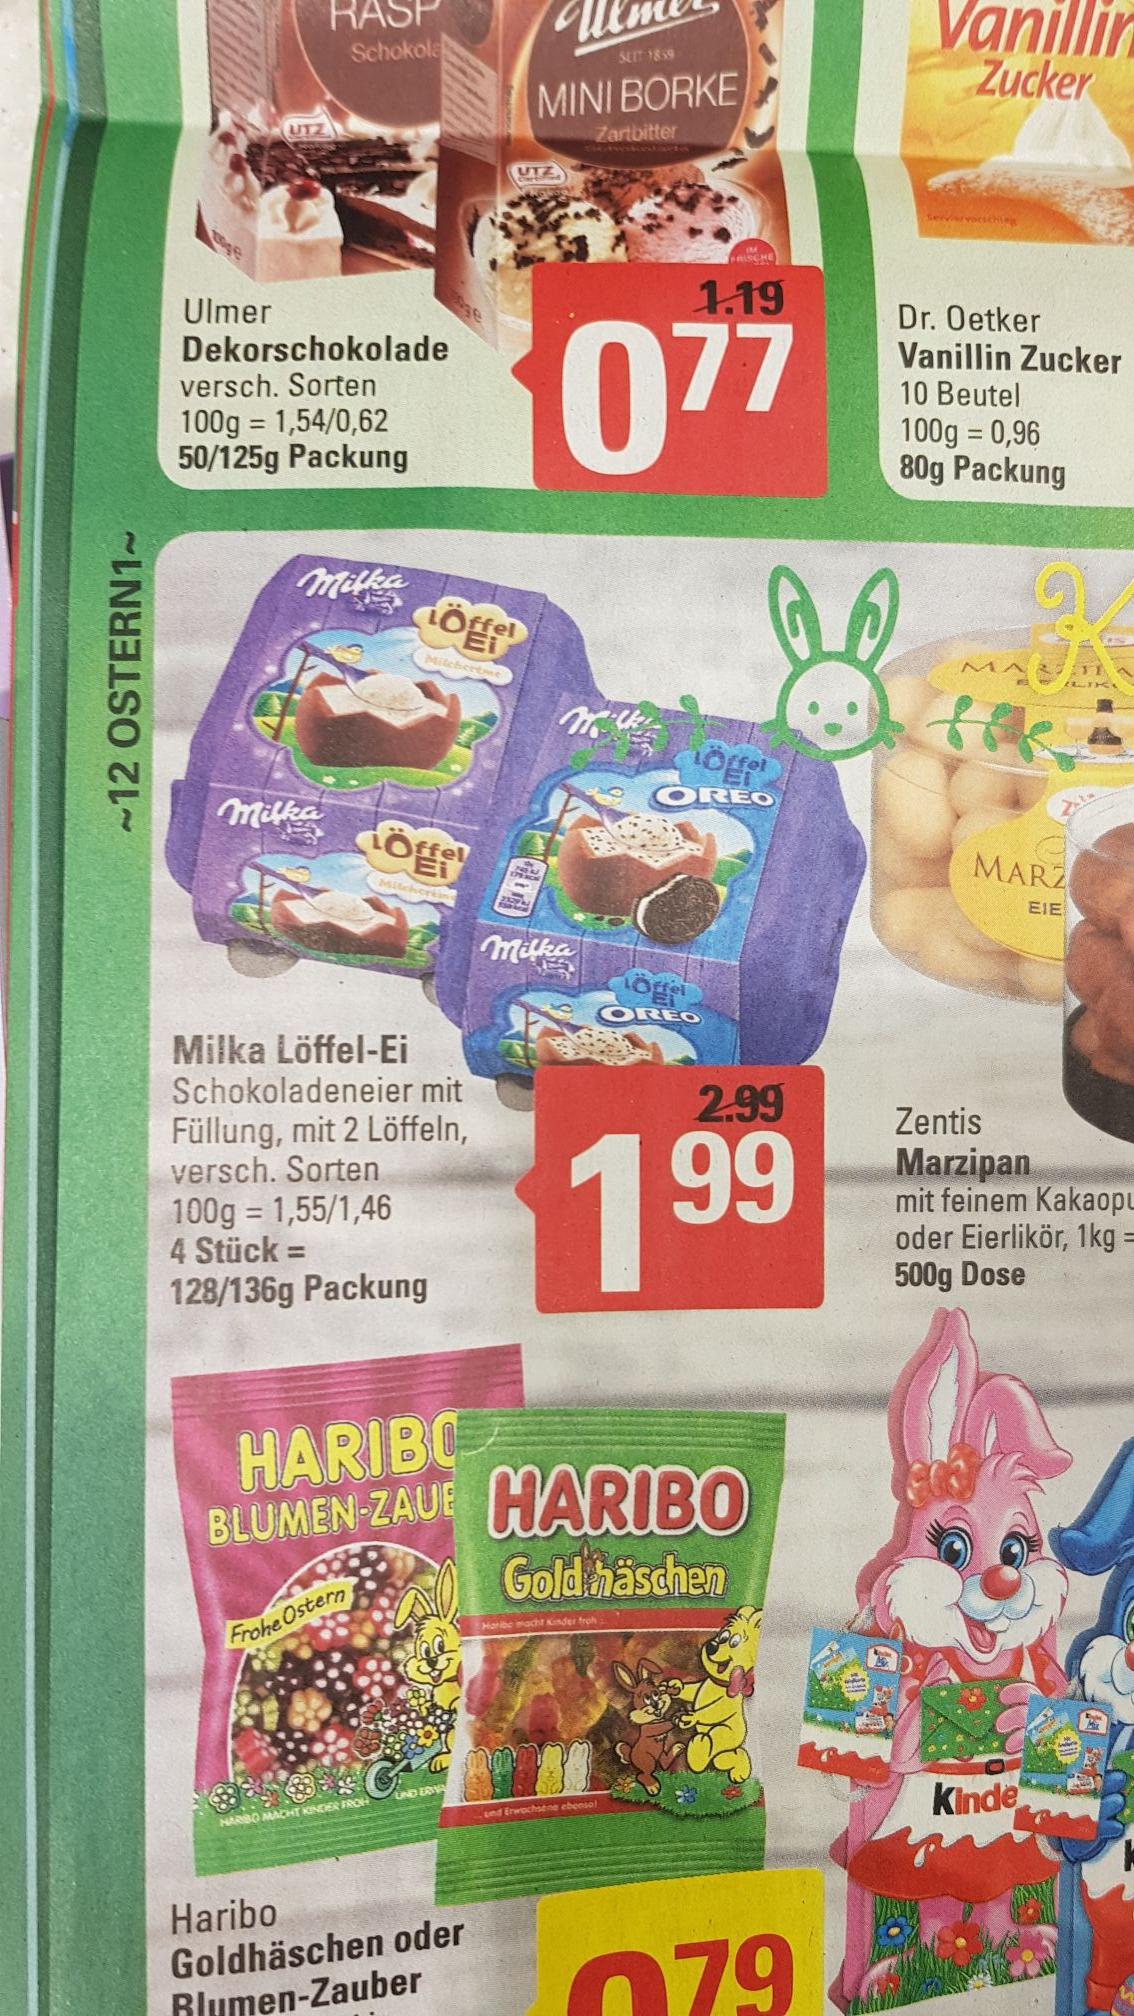 Marktkauf 19.03 Milka Löffel-Ei für 1,99€ statt 2,99€ bzw. 2,49 im Angebot